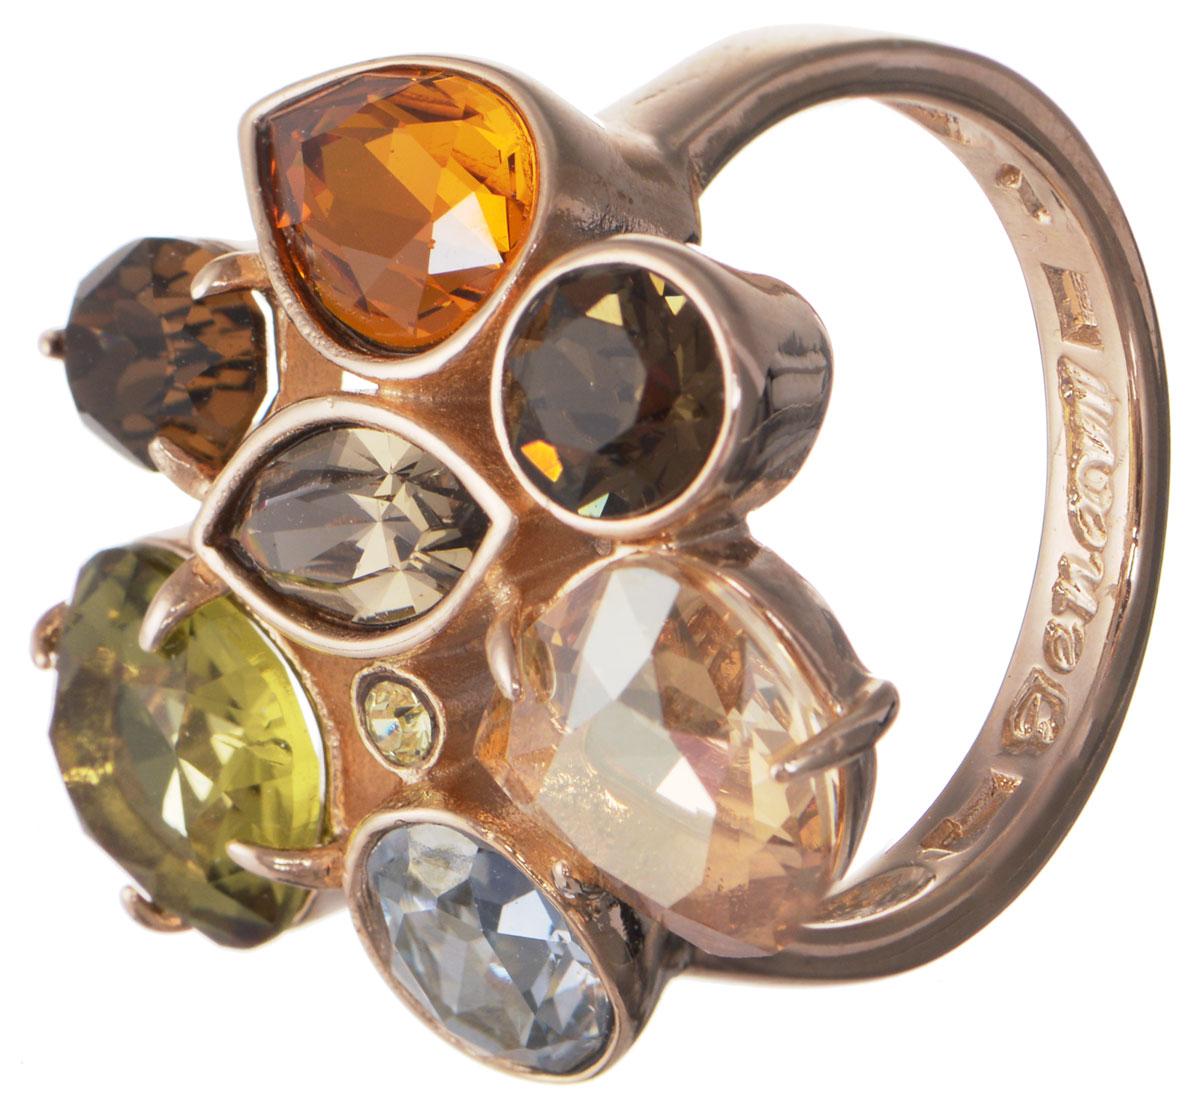 Кольцо Jenavi Гламур, цвет: золотой, мультиколор. h195p070. Размер 21Коктейльное кольцоКольцо современного дизайна Jenavi Гламур изготовлено из гипоаллергенного ювелирного сплава с покрытием из золота. Дополняют кольцо граненые кристаллы Swarovski разнообразные по своим формам.Стильное кольцо придаст вашему образу изюминку и подчеркнет индивидуальность.